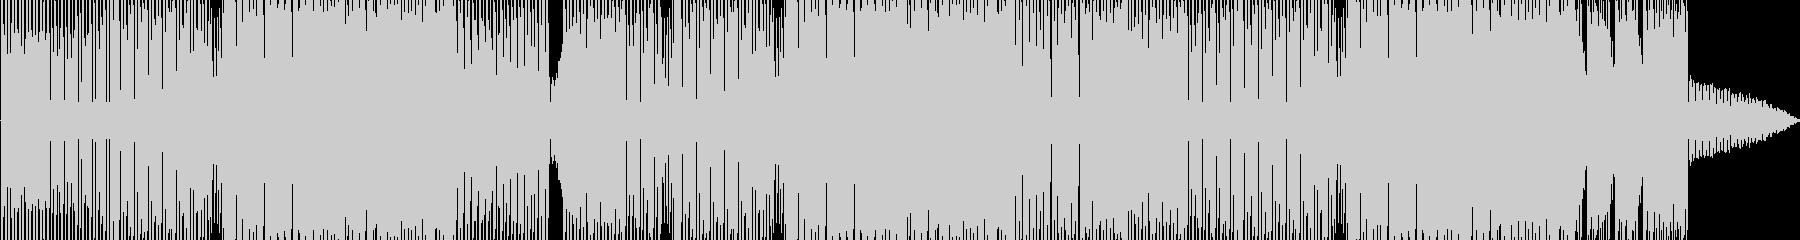 明るくきらめくエレクトロポップの未再生の波形